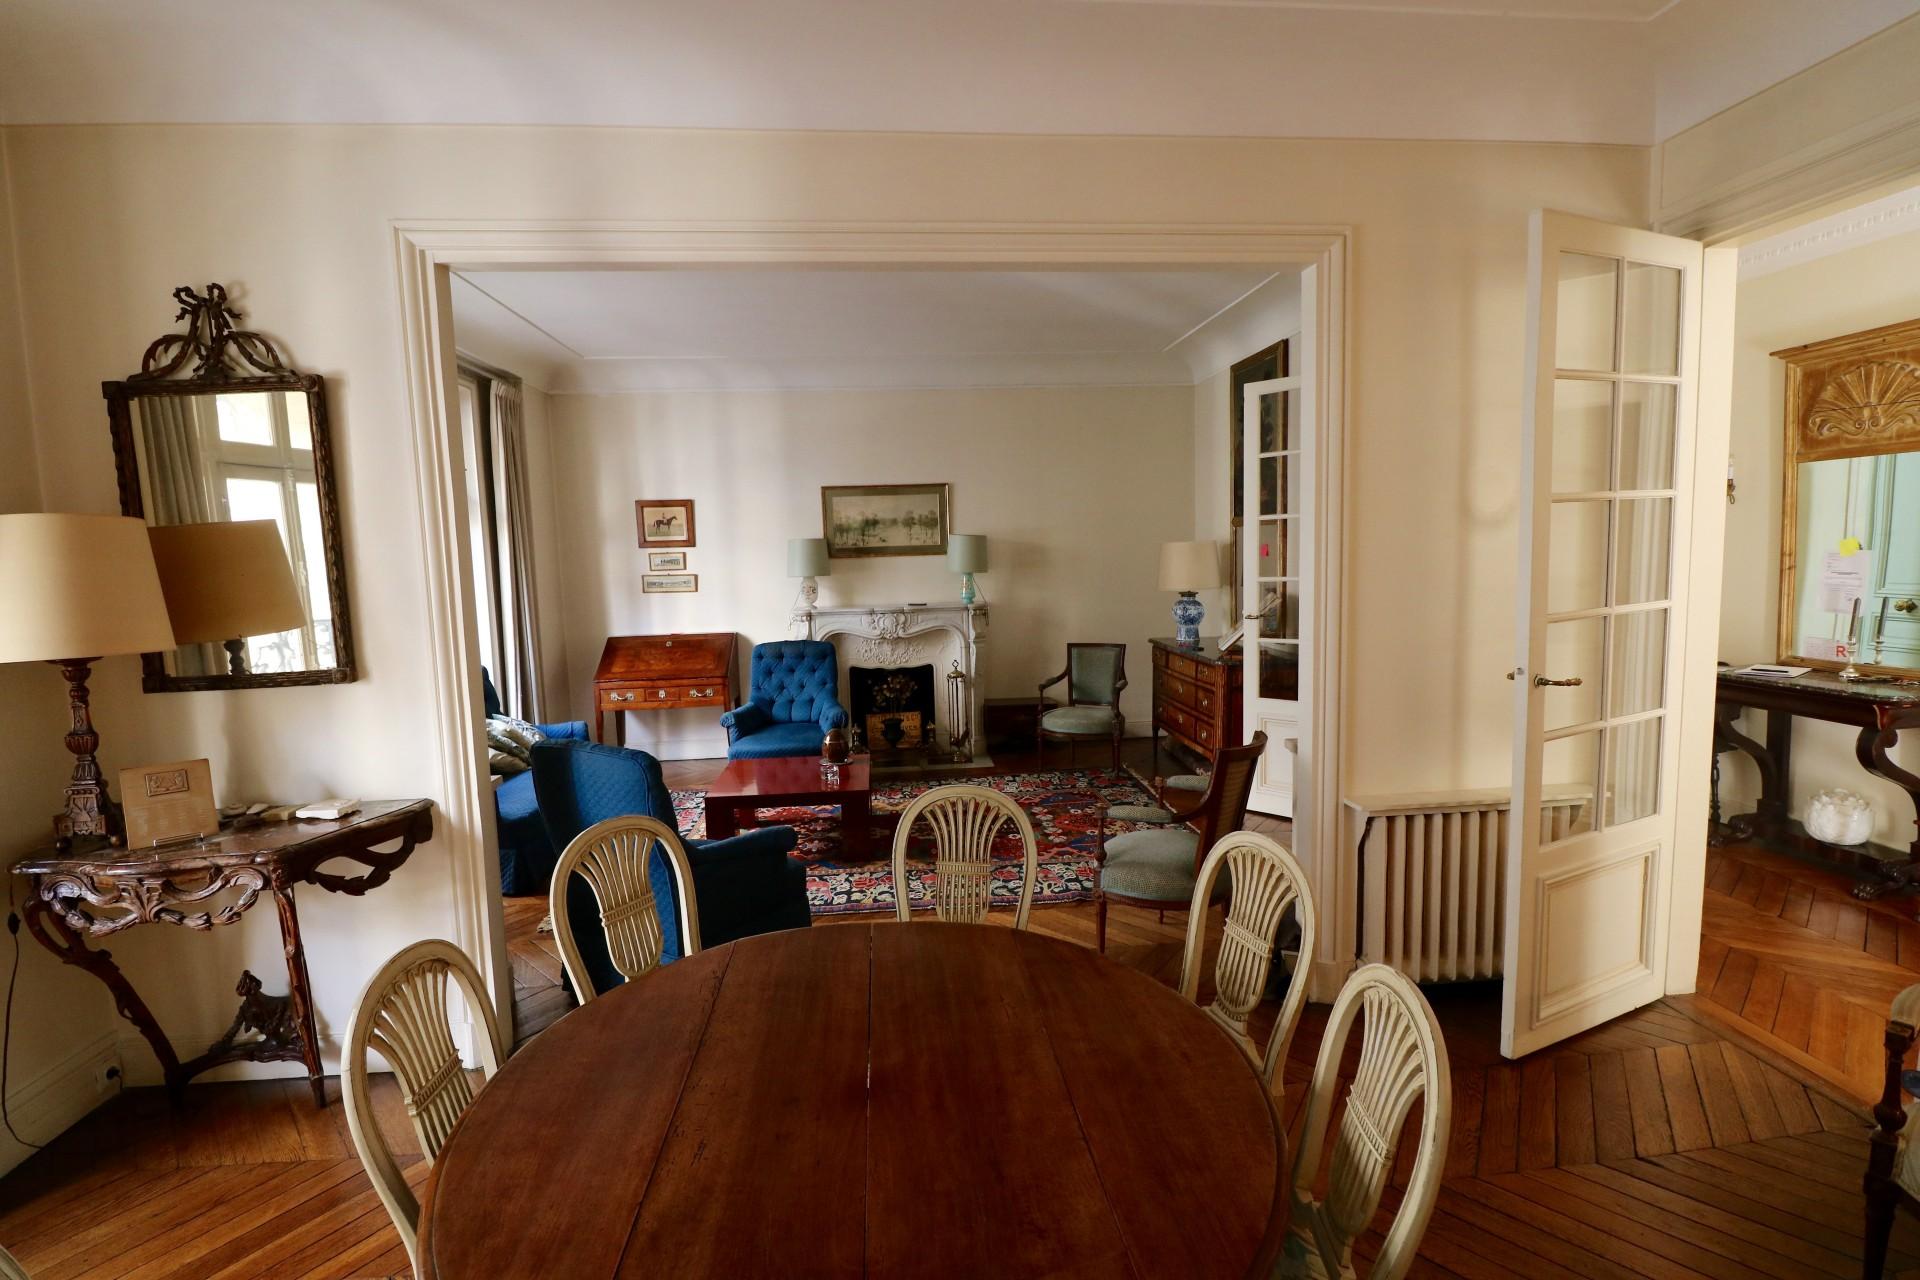 la-clef-des-villes-agence-immobiliere-paris-16-photo-appartement-la-muette-salle-a-manger